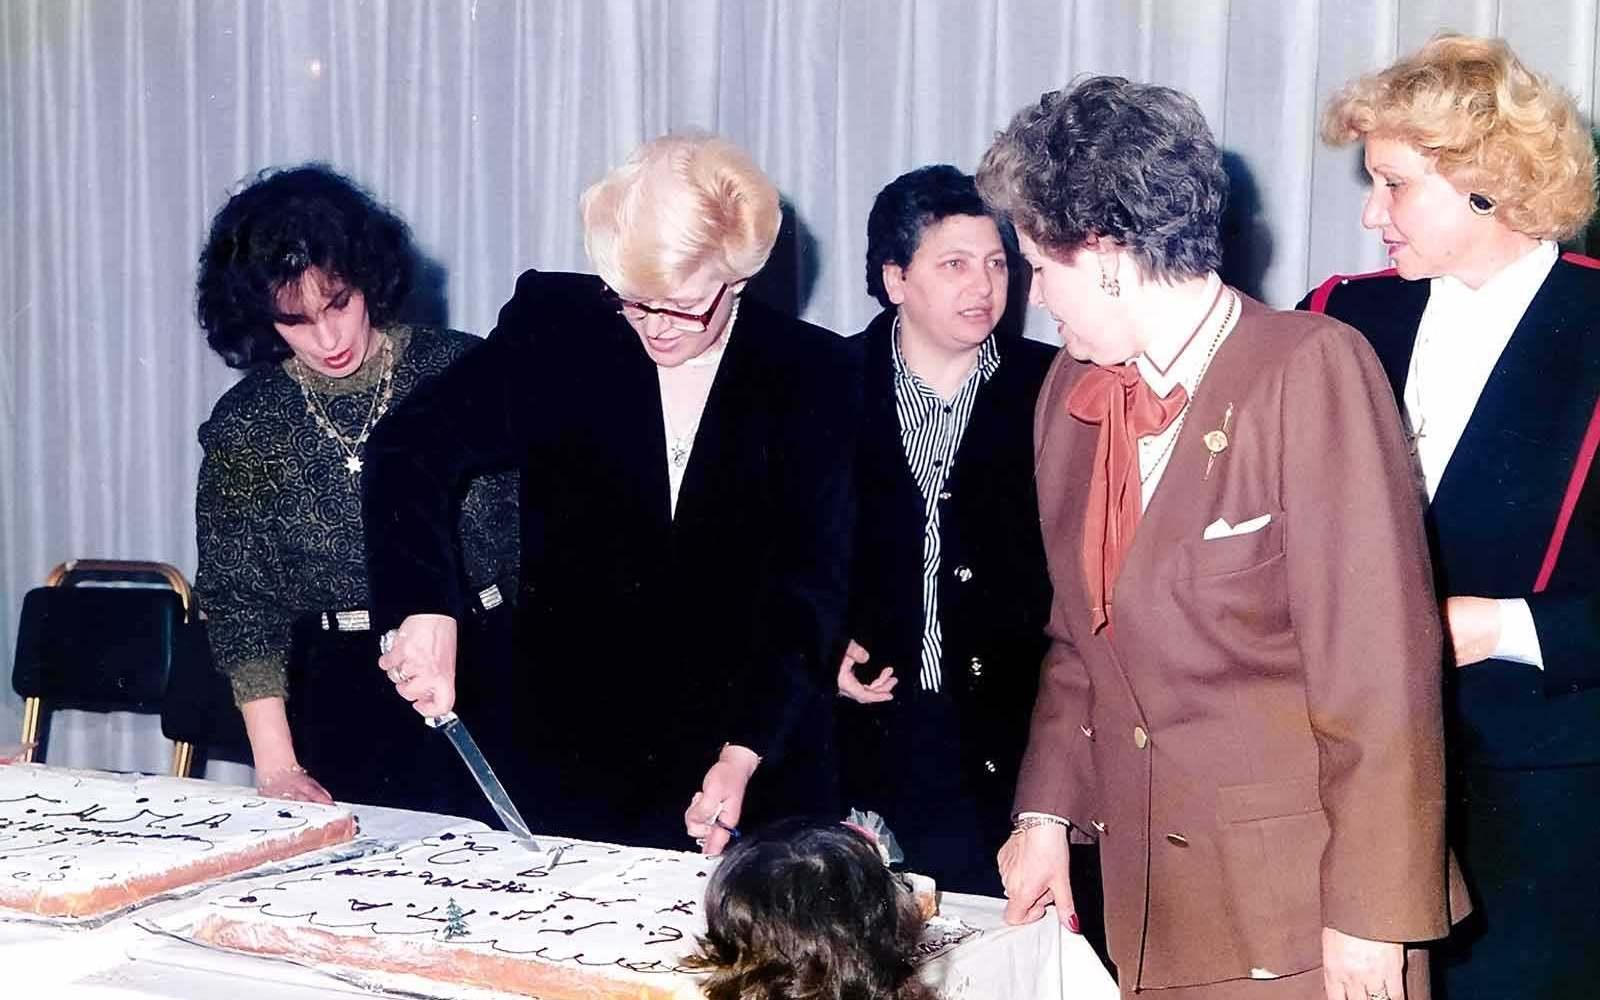 kristi-fragkou-koula-rogdaki-anna-adamopoulou-maroula-apostolopoulou-ntina-agalioti-proto-simvoulio-1991